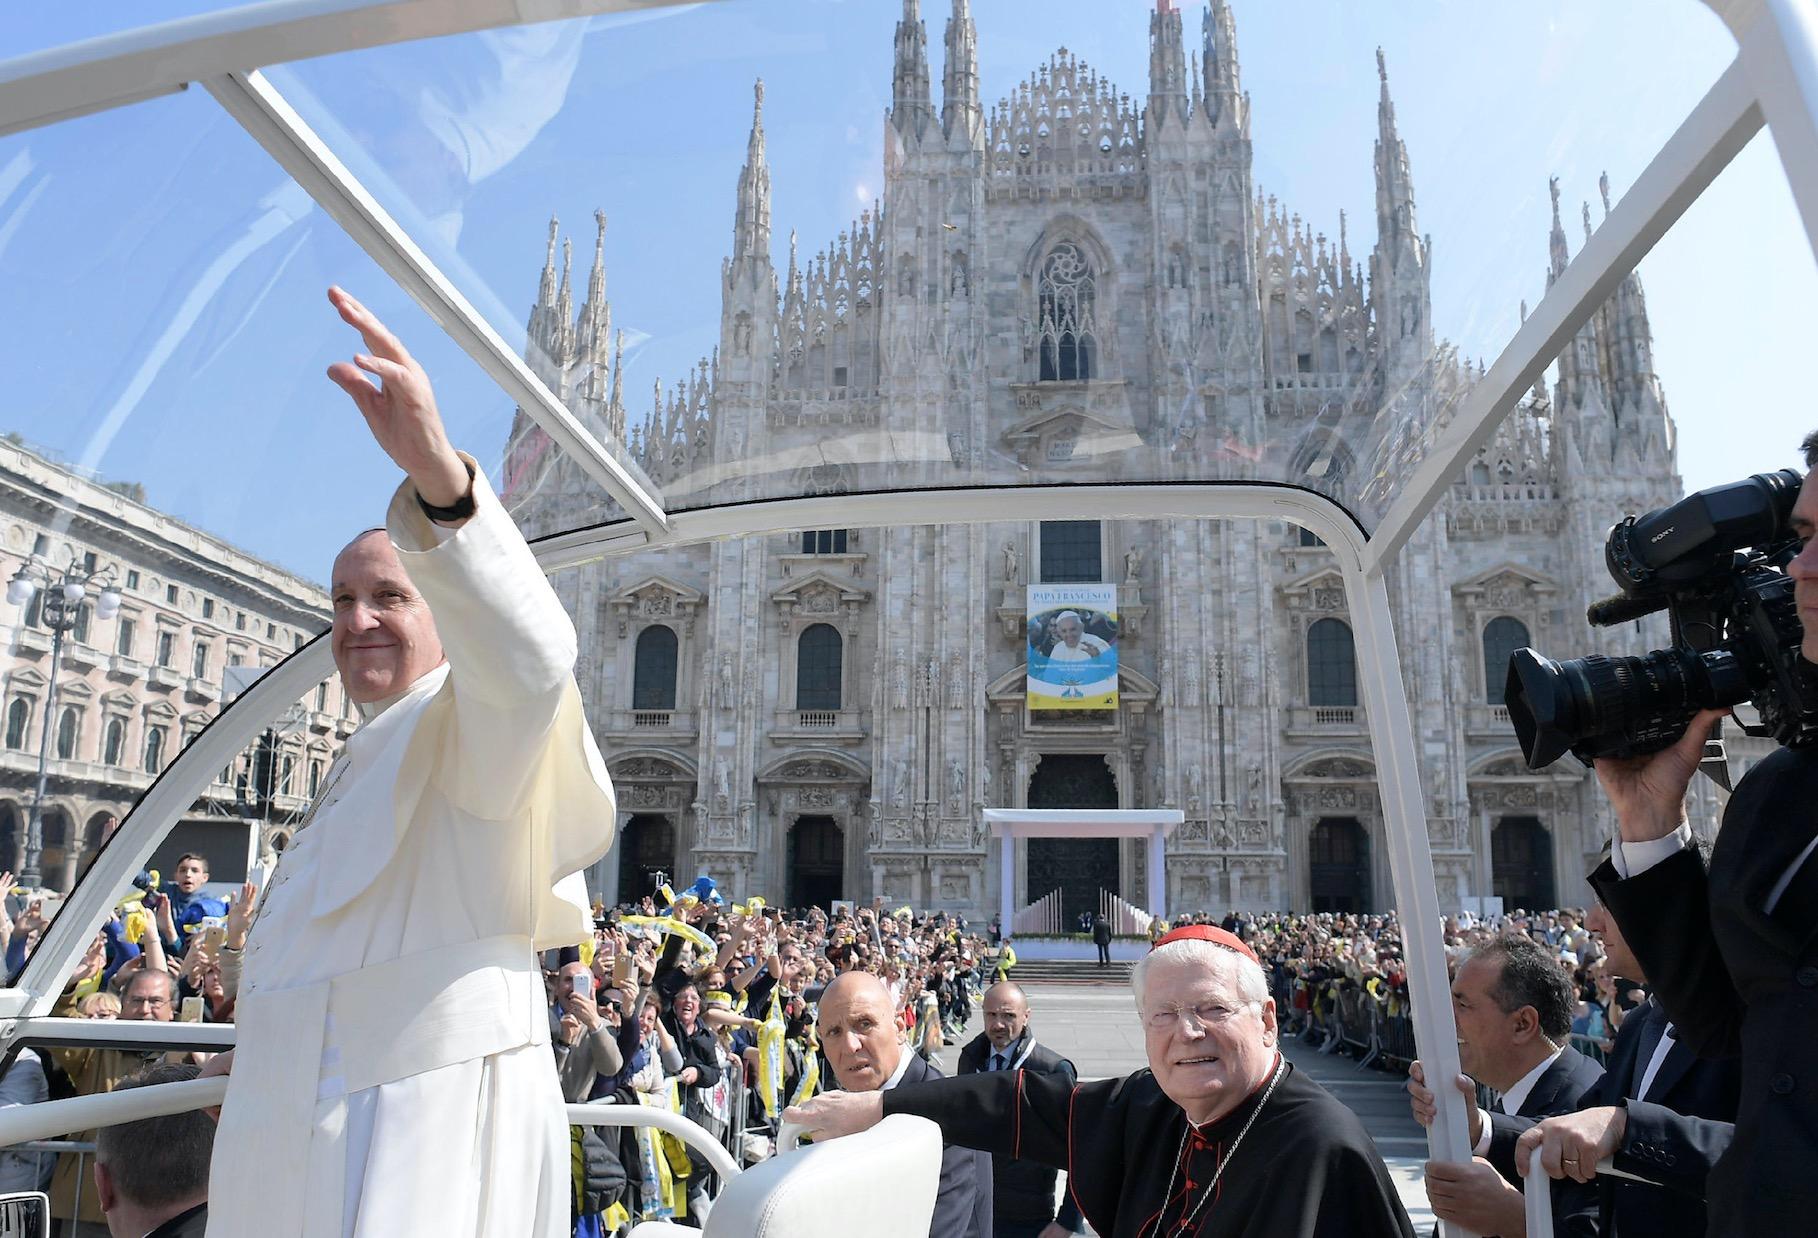 El Papa delante del Duomo de MIlán (Foto @ Osservatore Romano).